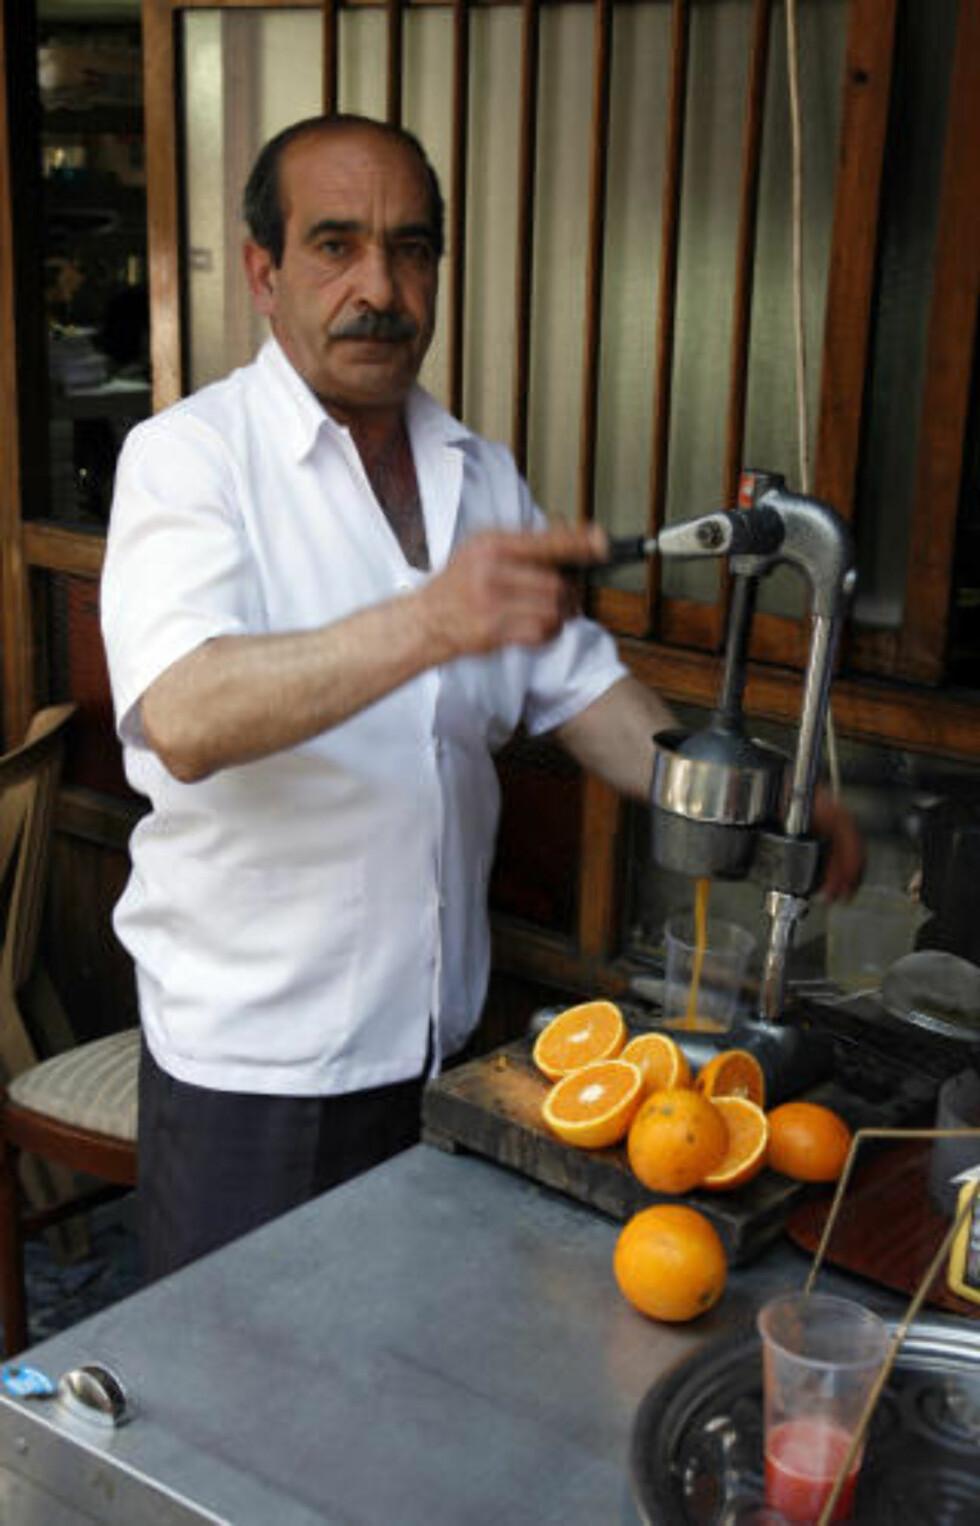 DEILIG: Å drikke presset juice fra kalde appelsiner er noe av det deiligste du kan drikke etter en lang dag i varme Istanbul.